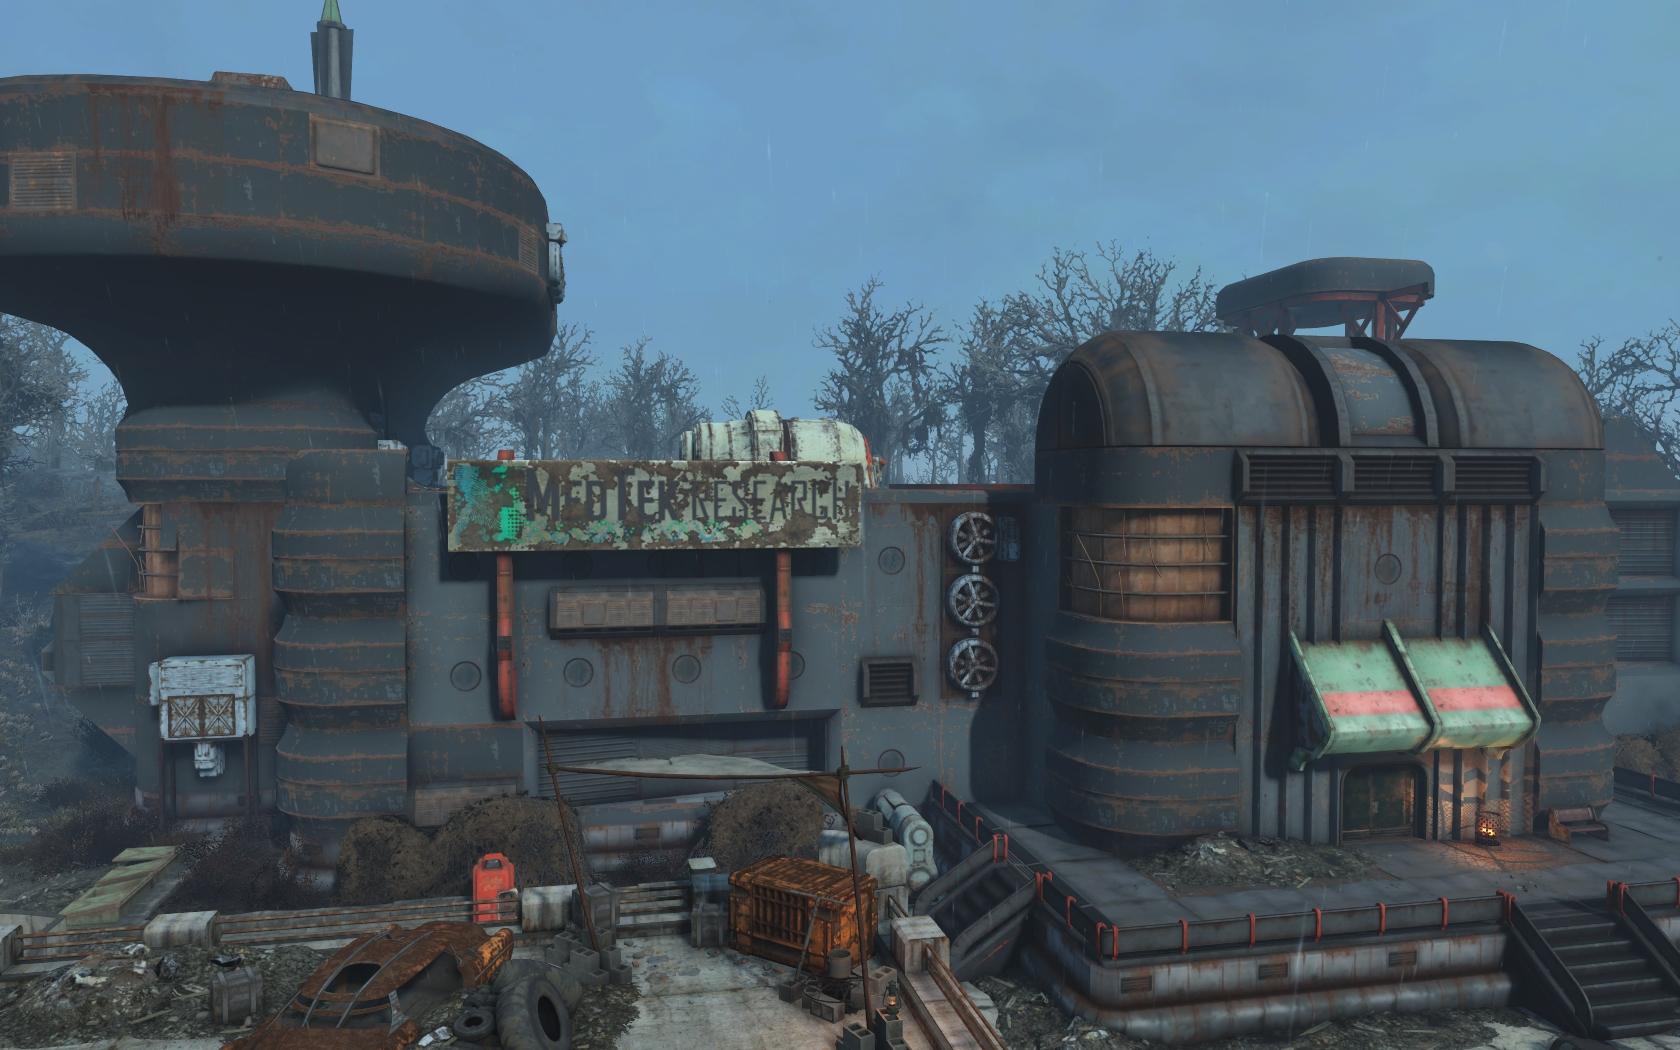 Мед-Тек Рисёрч - Fallout 4 Мед-Тек Рисёрч